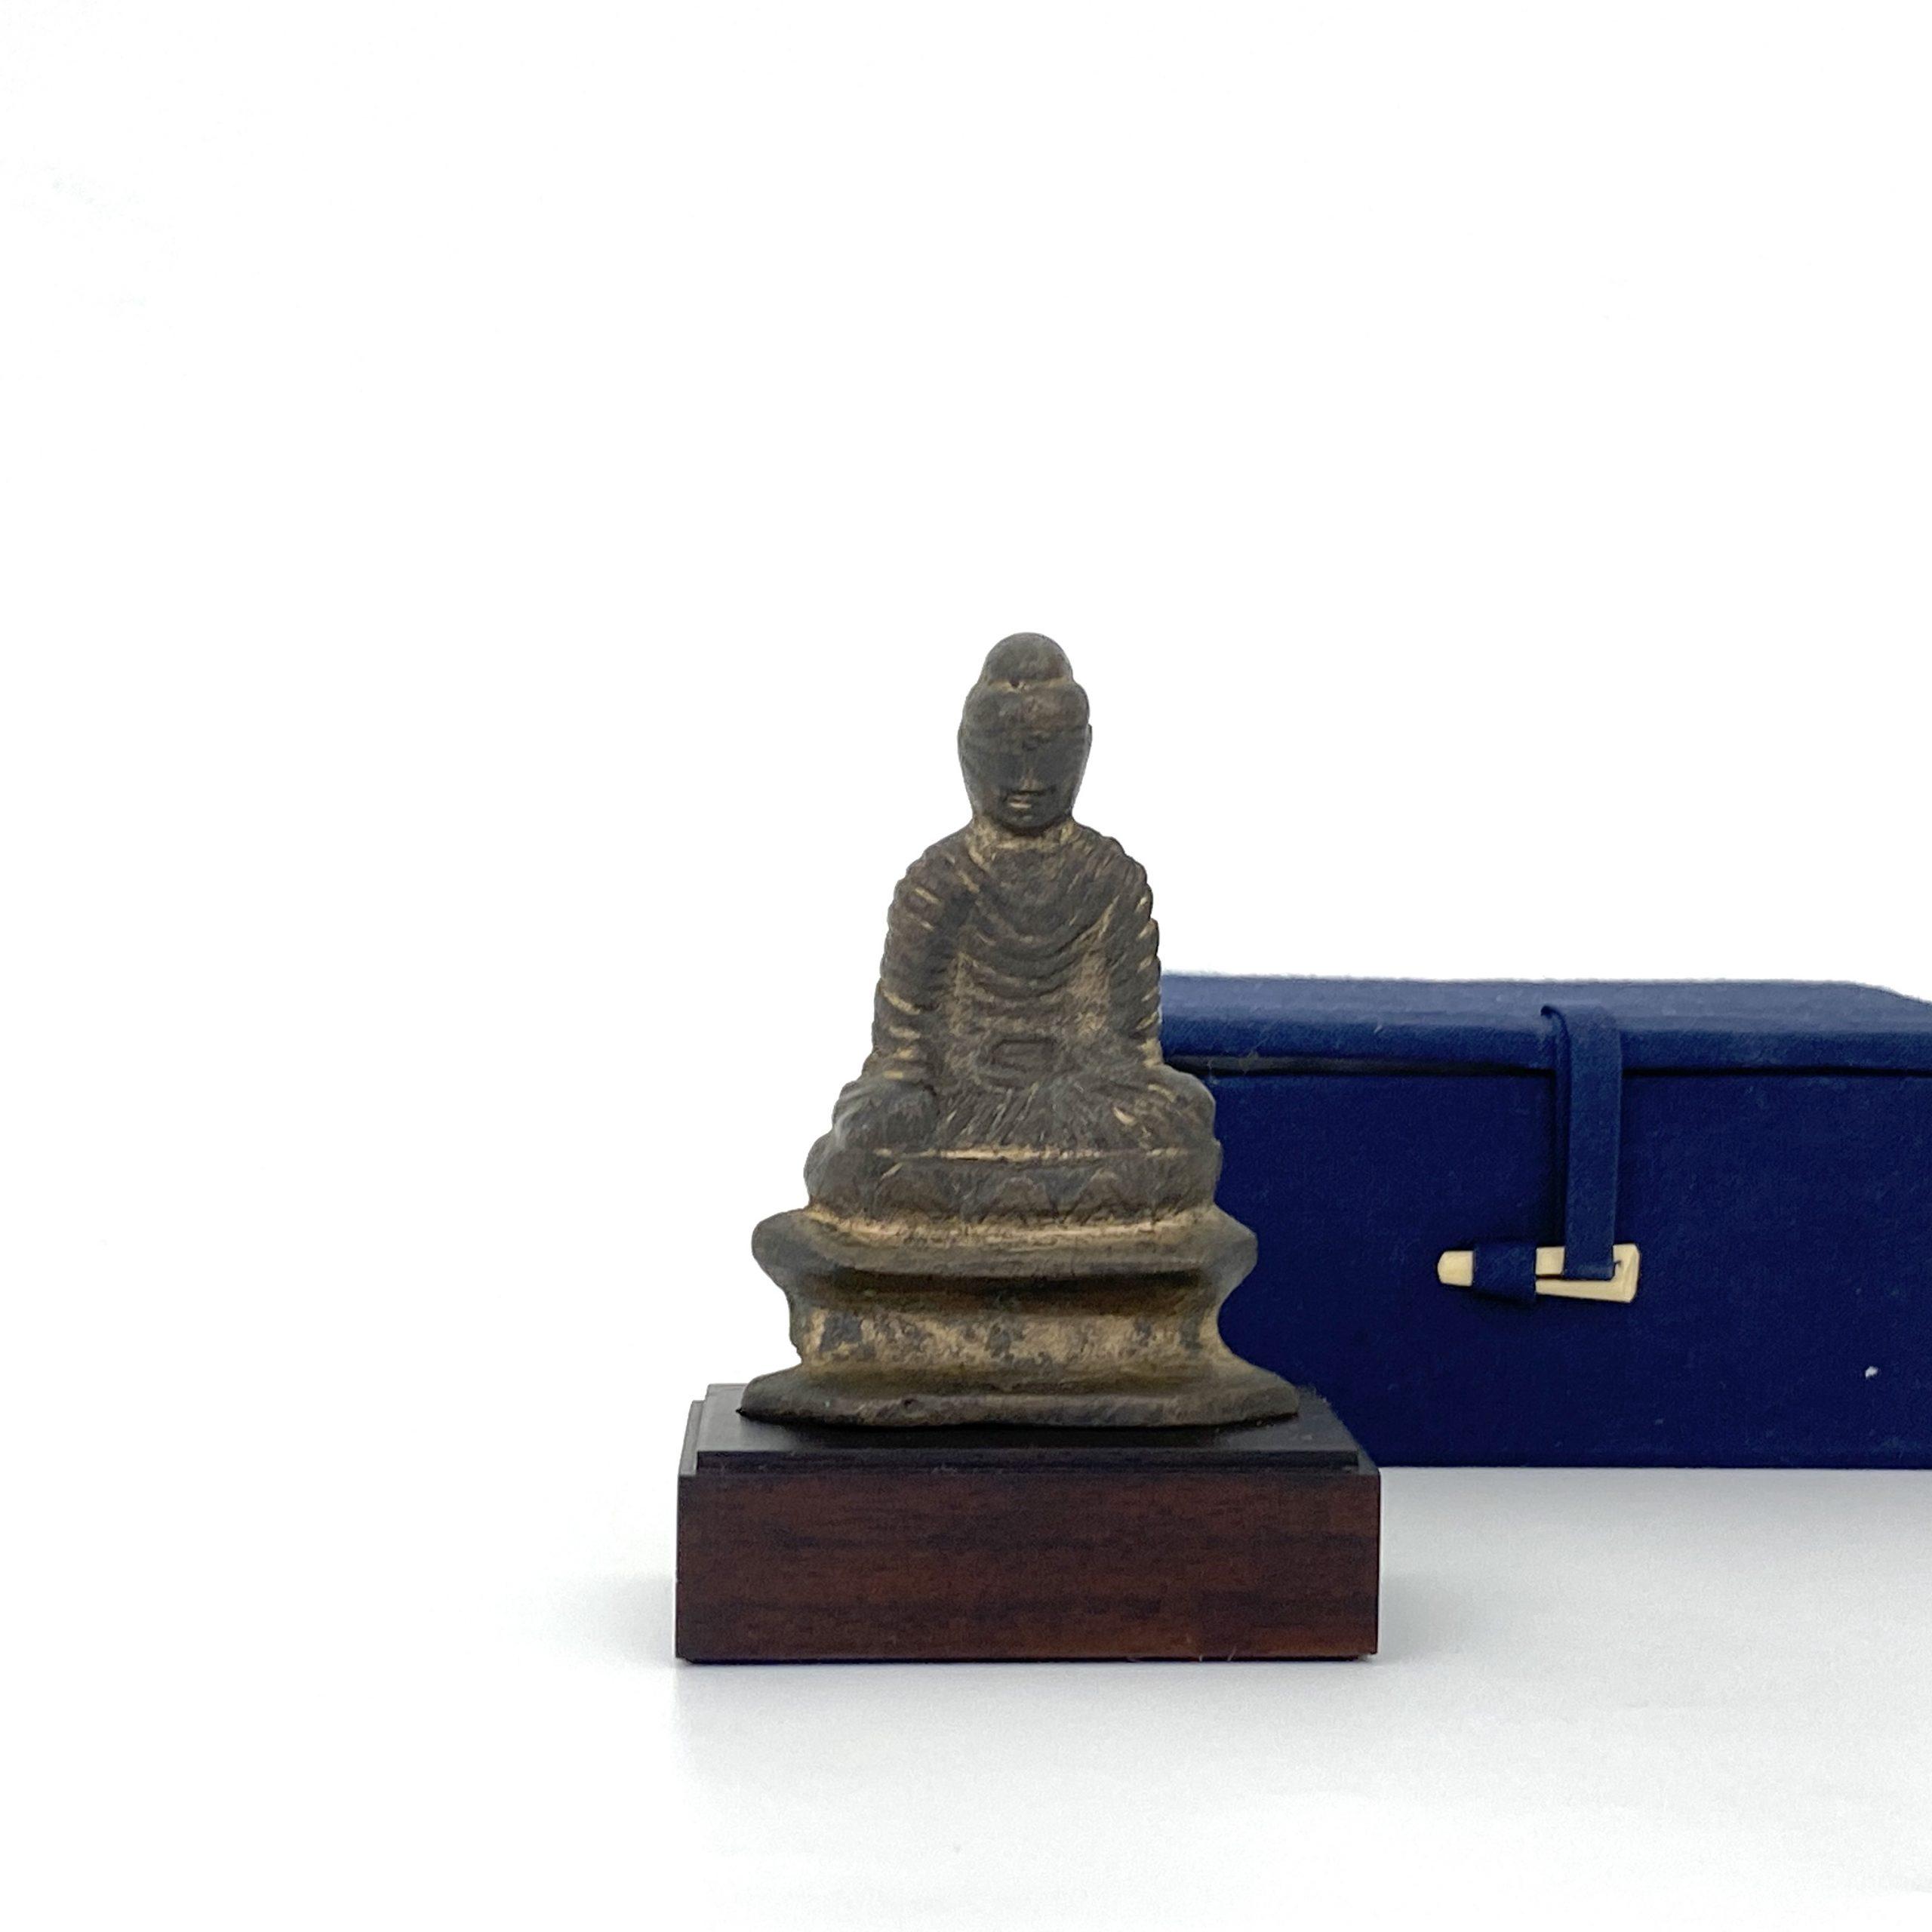 21498大理國 青銅鎏金 菩薩坐像